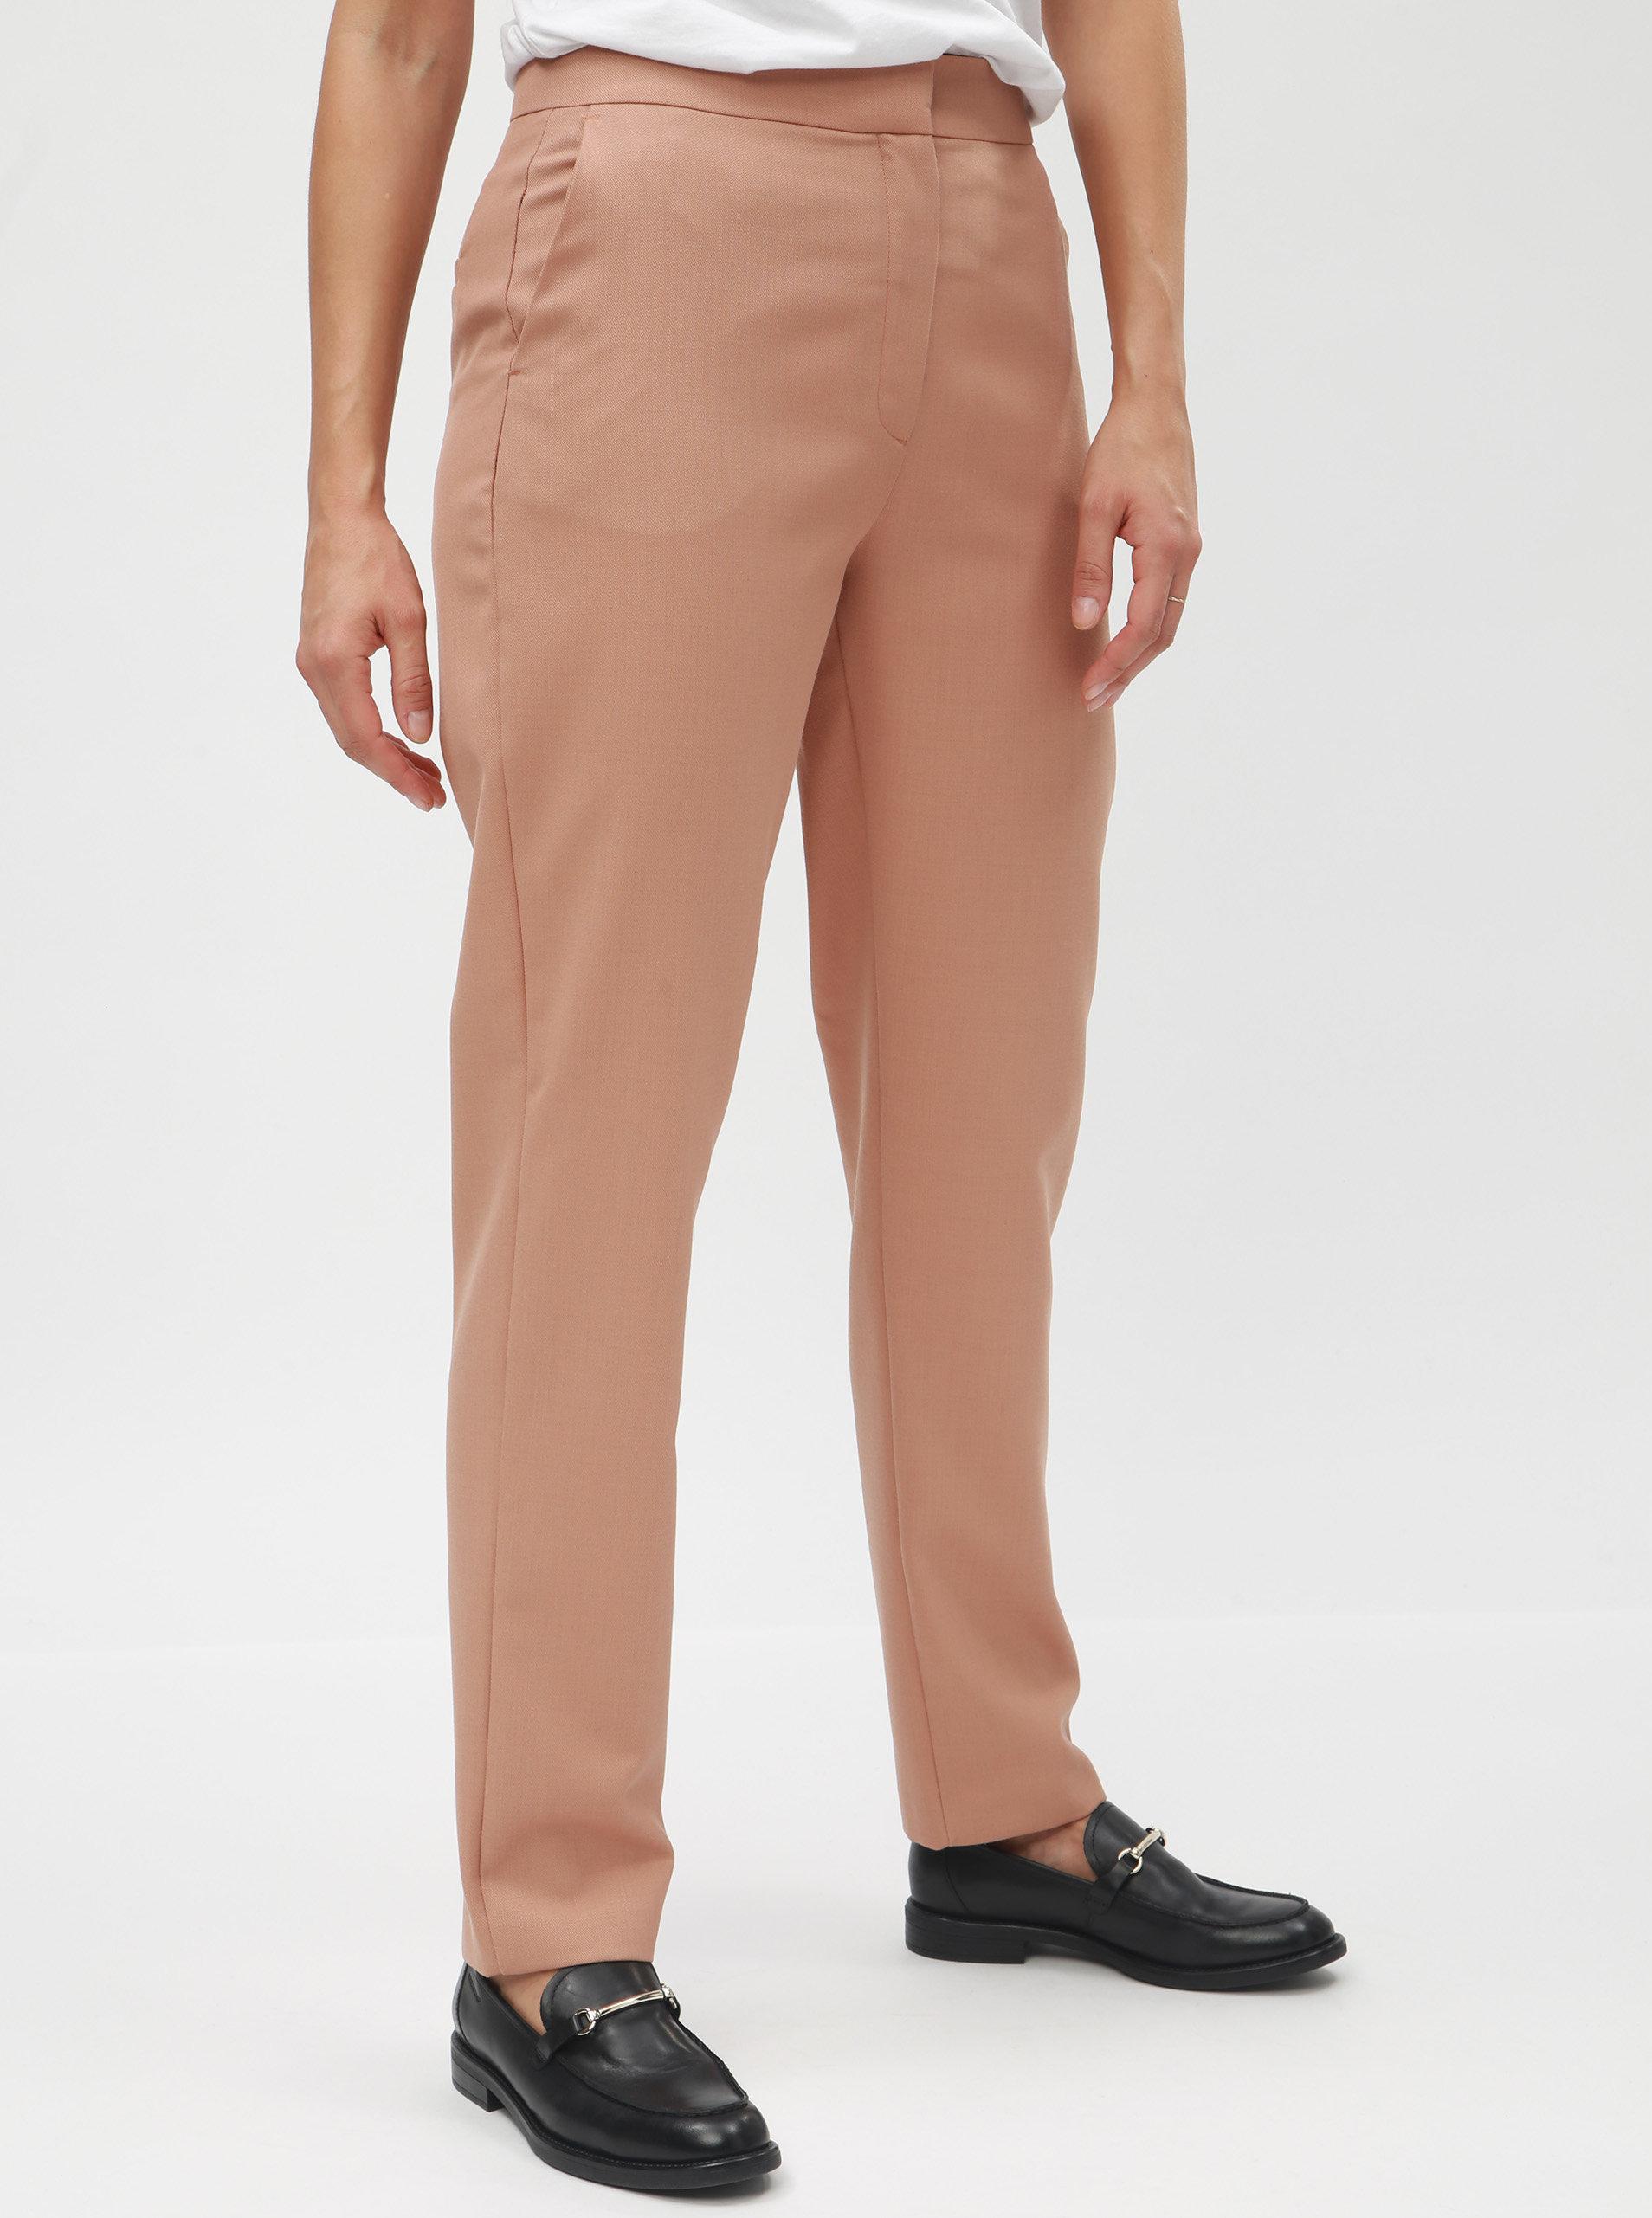 46a9933a0c8 Starorůžové vlněné chino kalhoty Selected Femme Gracina ...